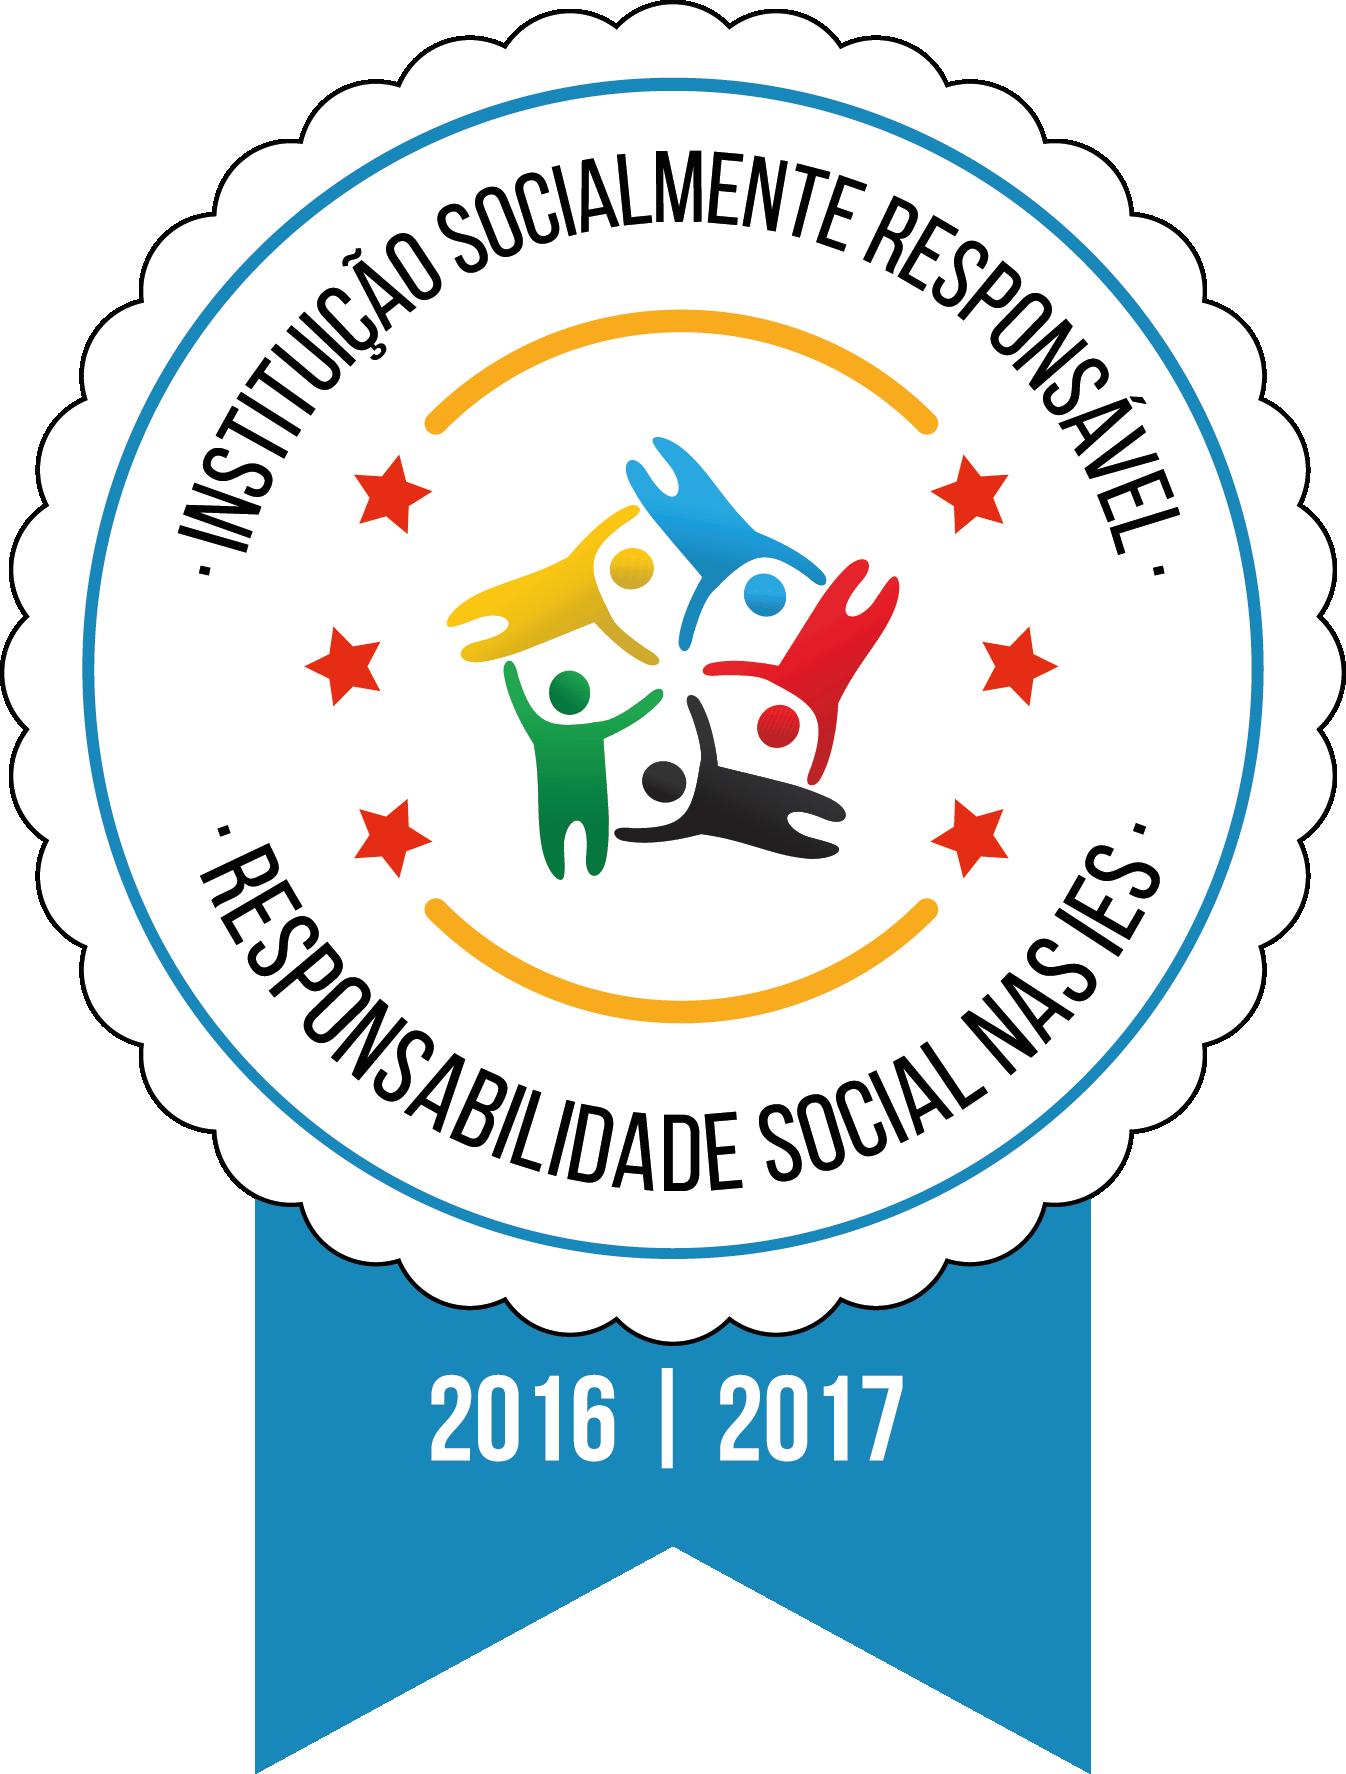 Reconhecimento - Responsabilidade Social